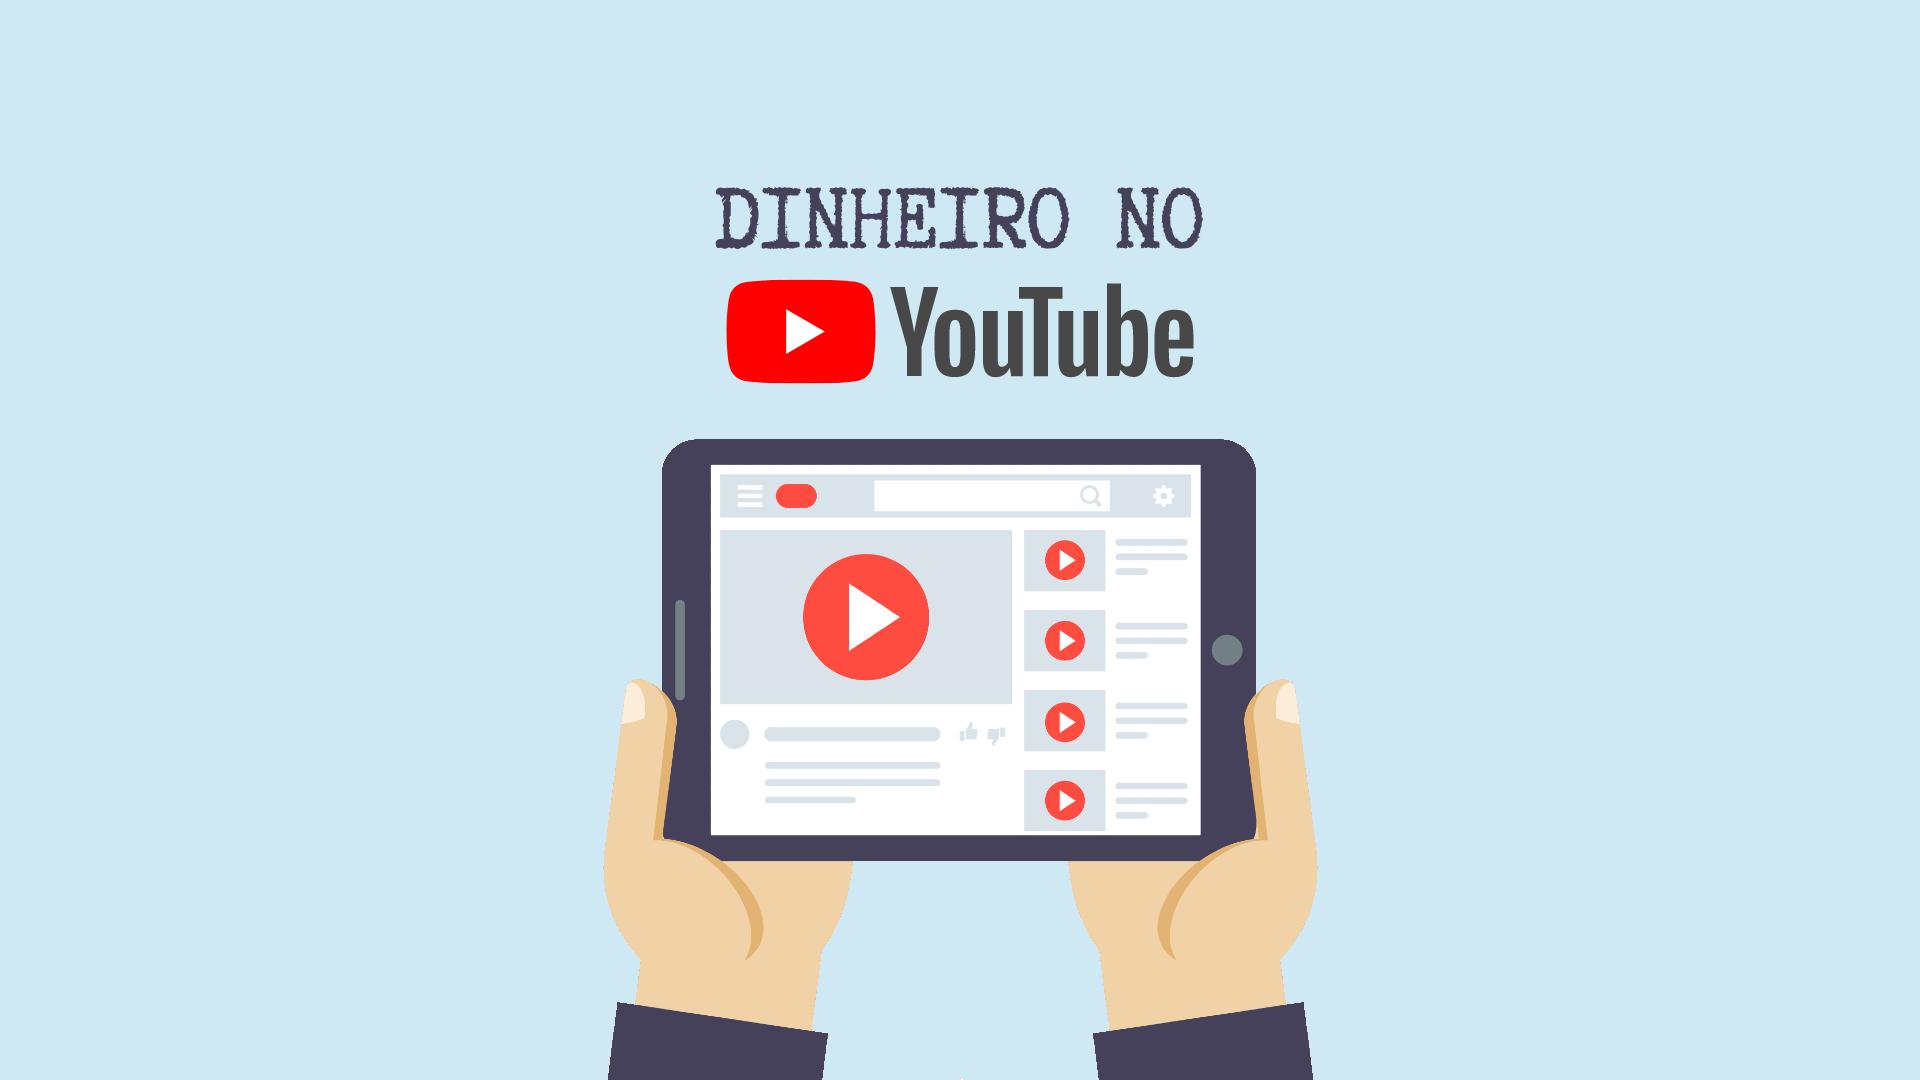 DINHEIRO NO YOUTUBE - Como Ganhar Dinheiro no YouTube Mesmo Com Poucos Inscritos (Guia Completo)